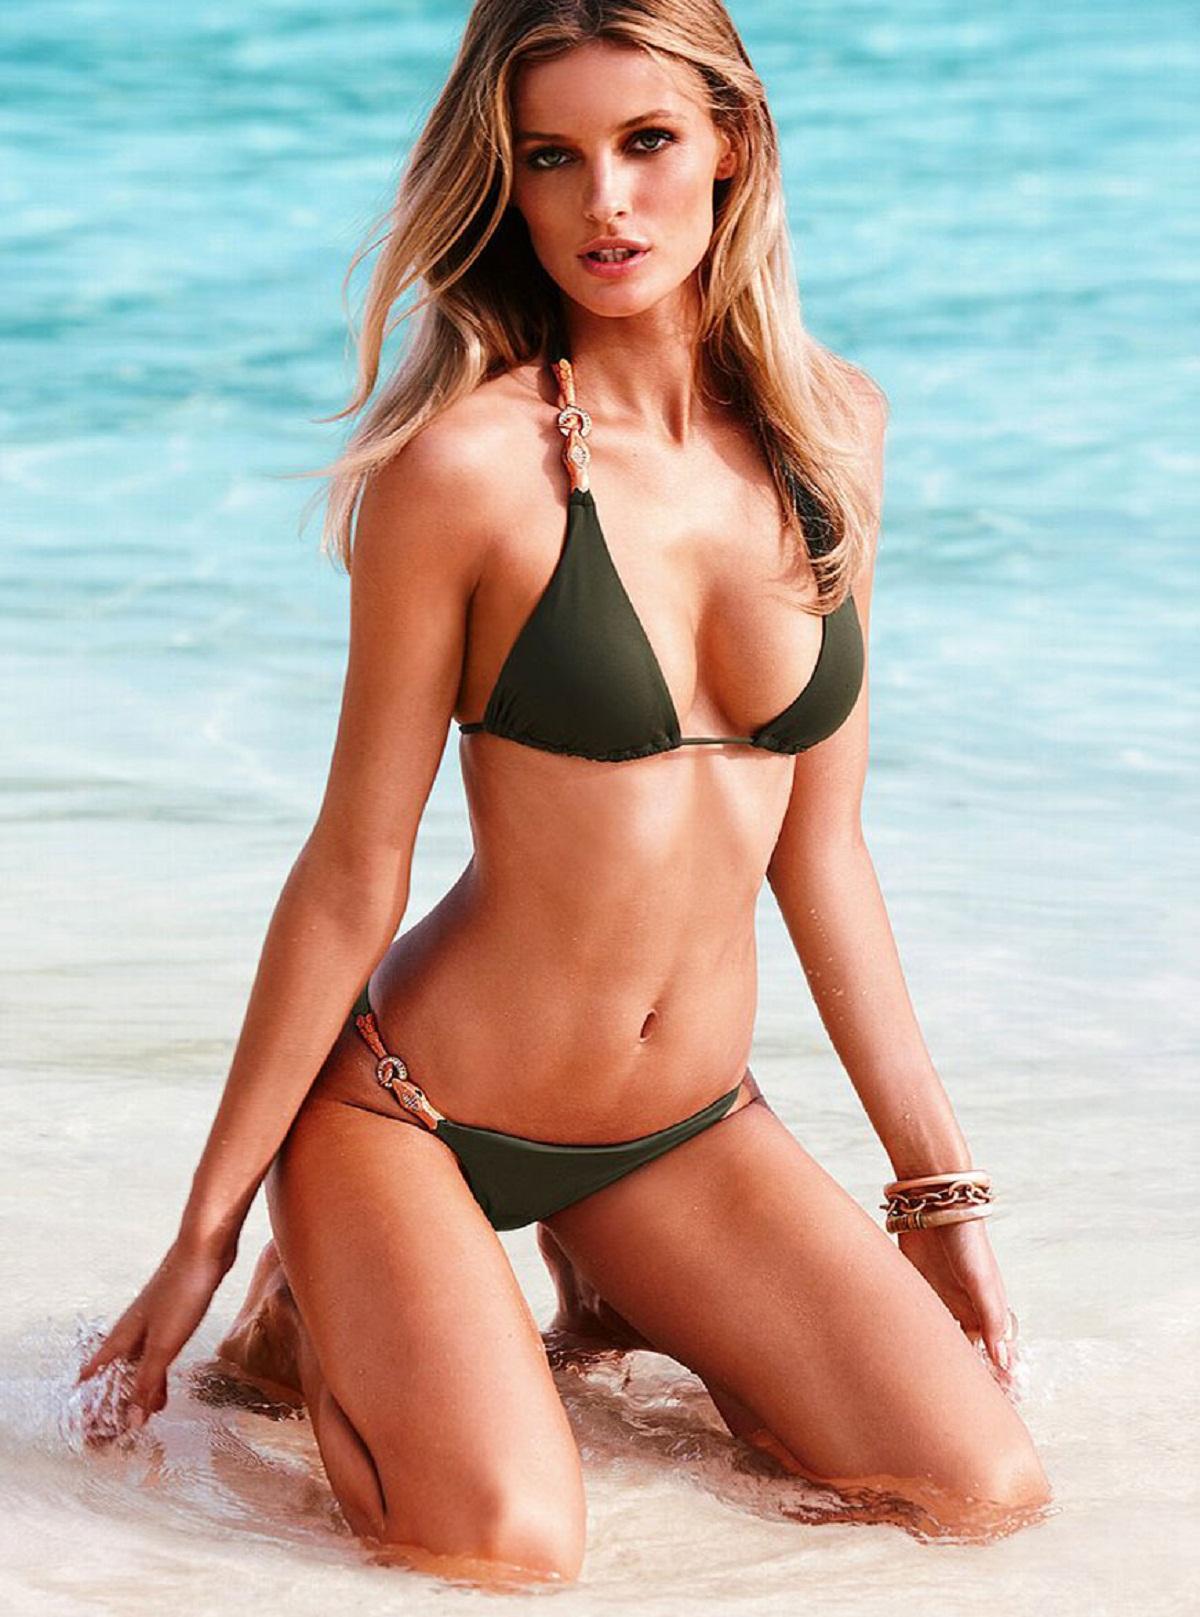 Самые красивые девушки мира фото в купальниках 10 фотография